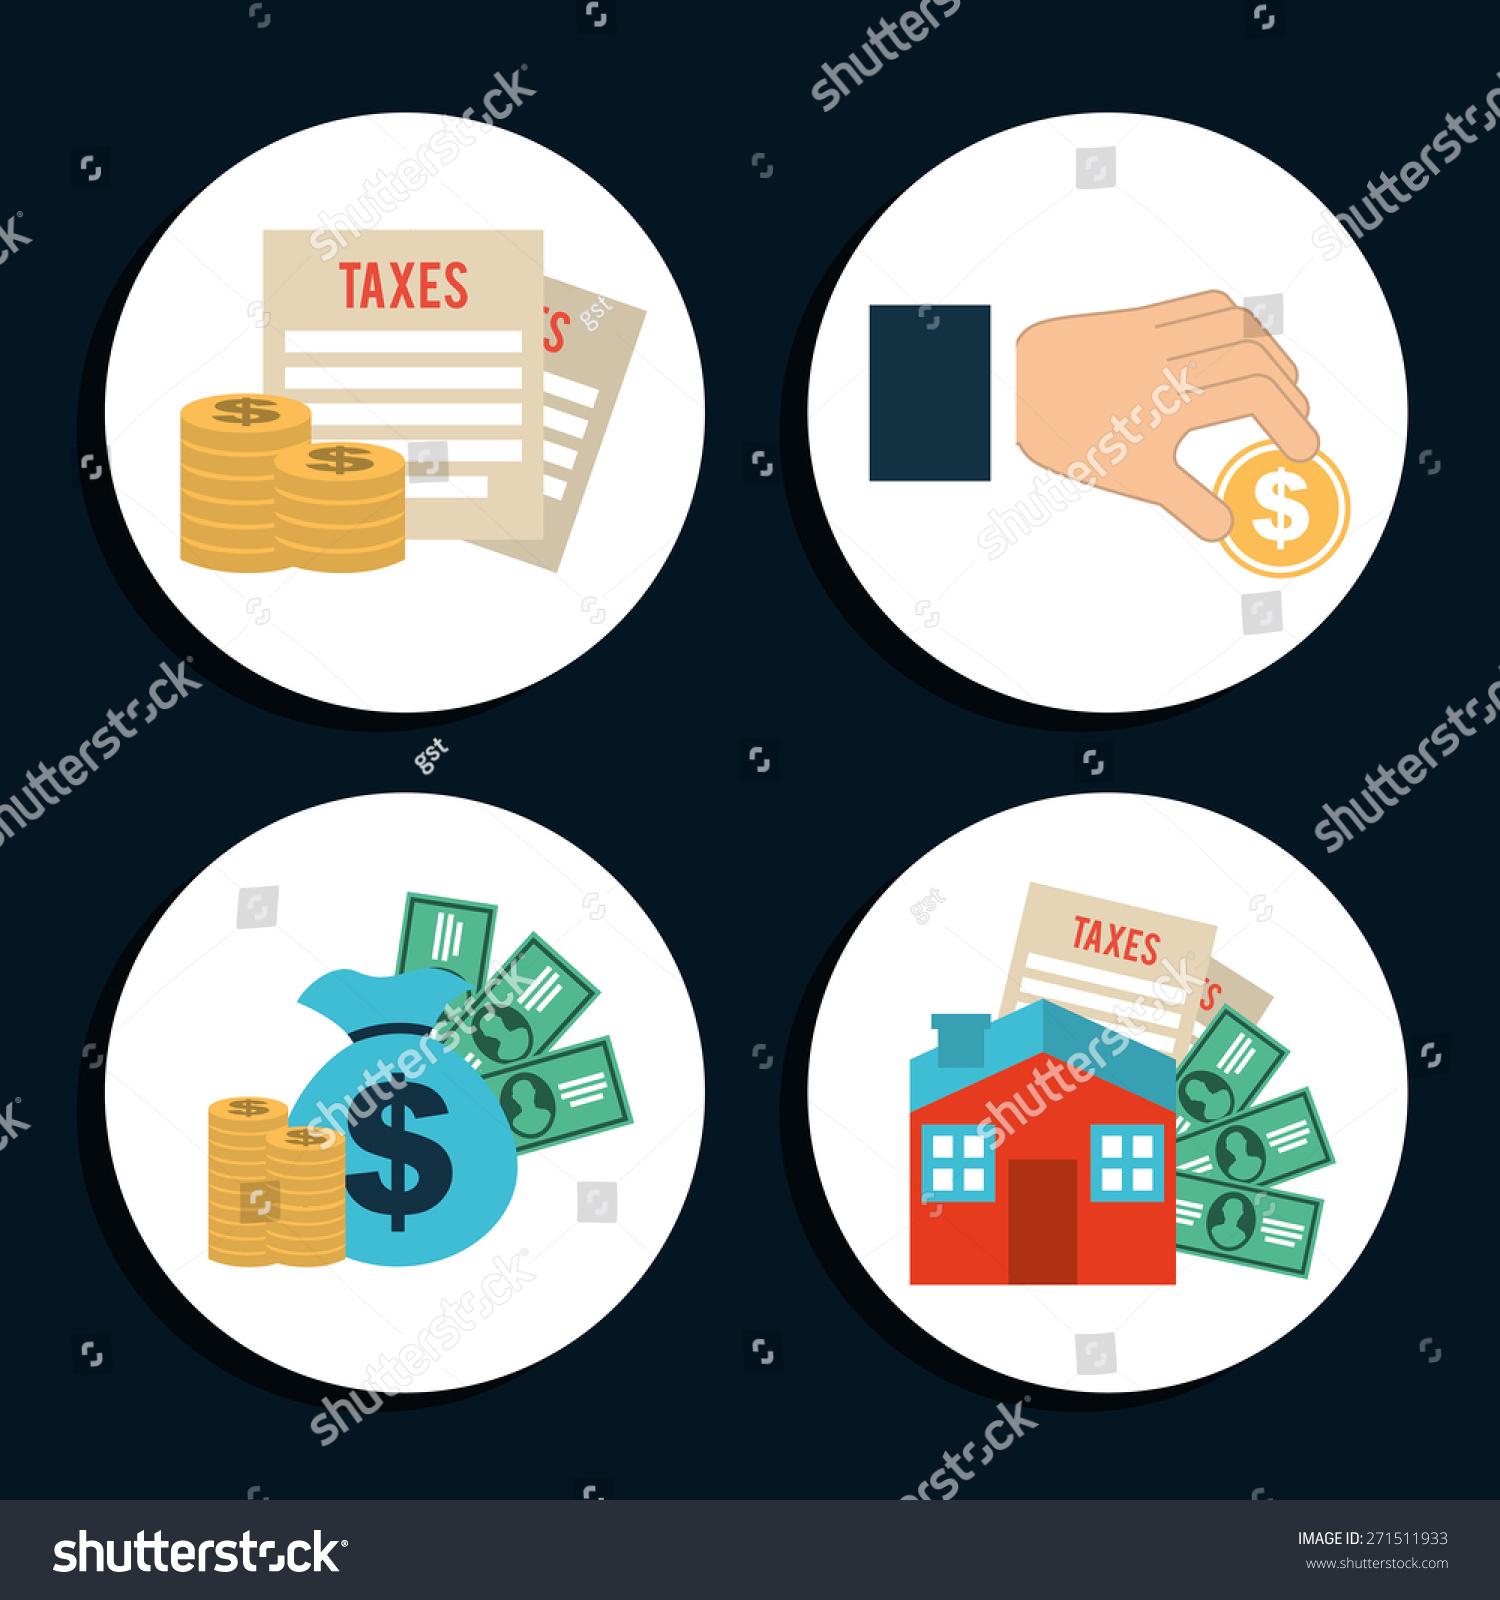 钱的图标设计,矢量插图eps10图形-商业/金融,符号/-()